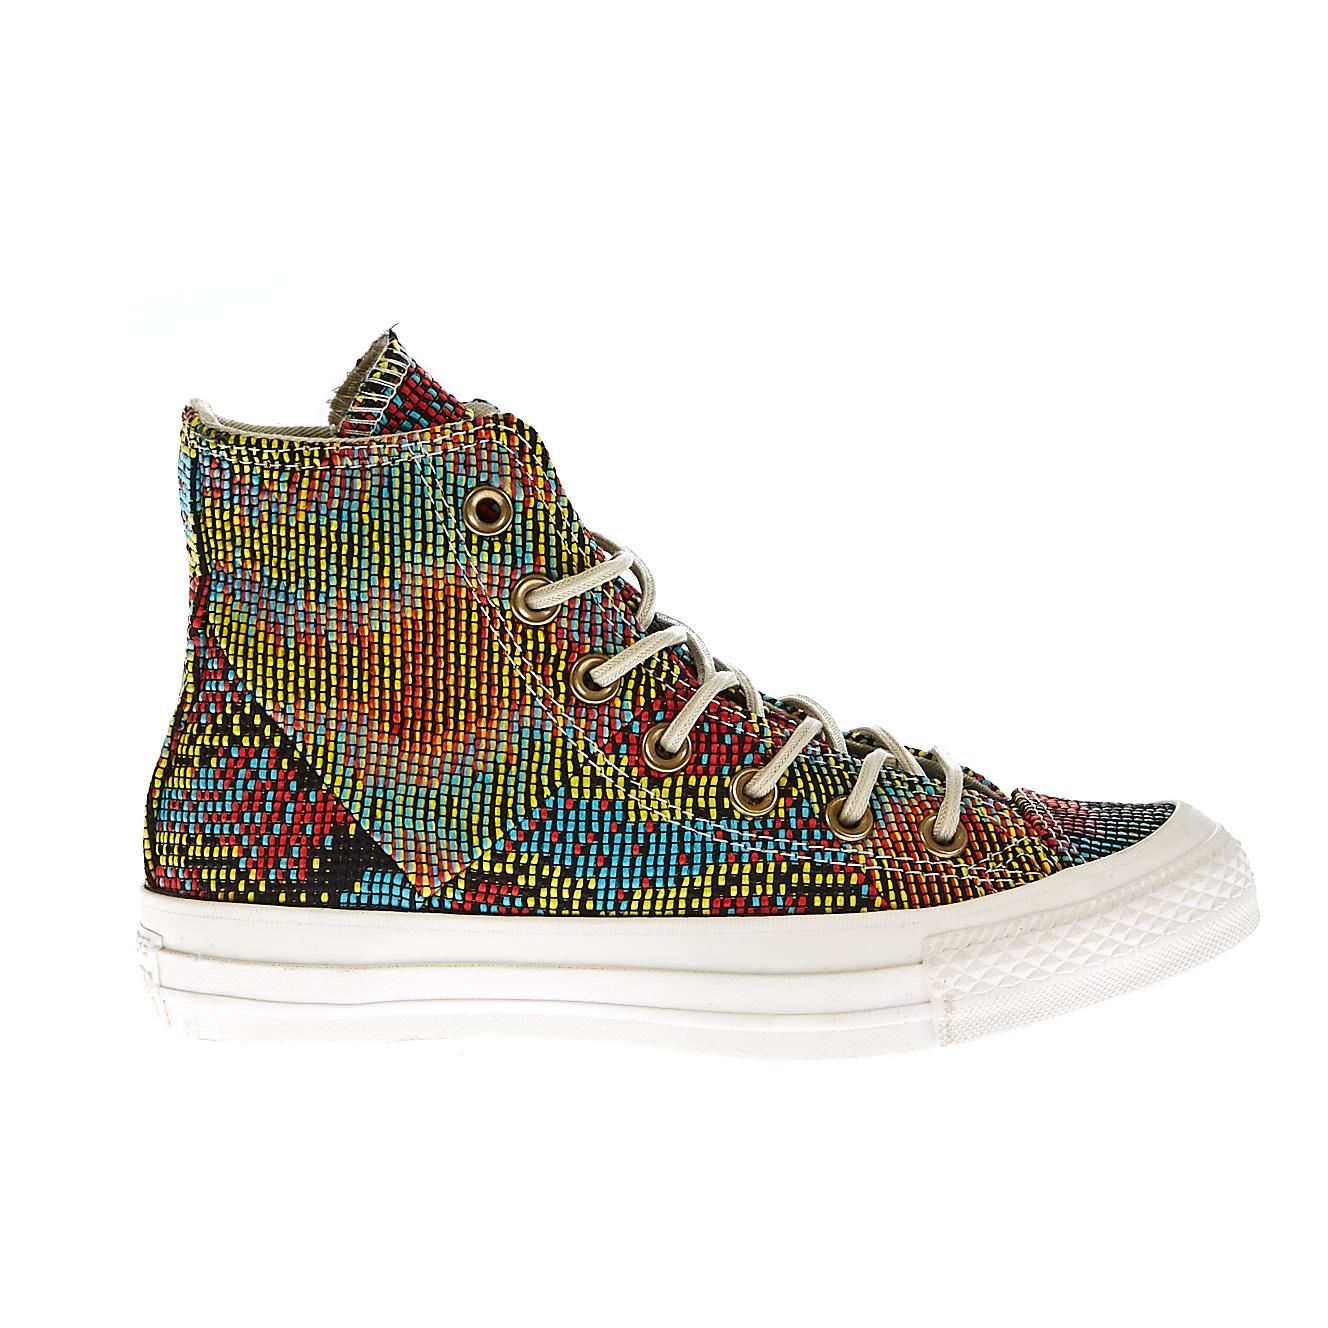 e4c8153eb25 CONVERSE - Γυναικεία παπούτσια Chuck Taylor All Star Multi Pa